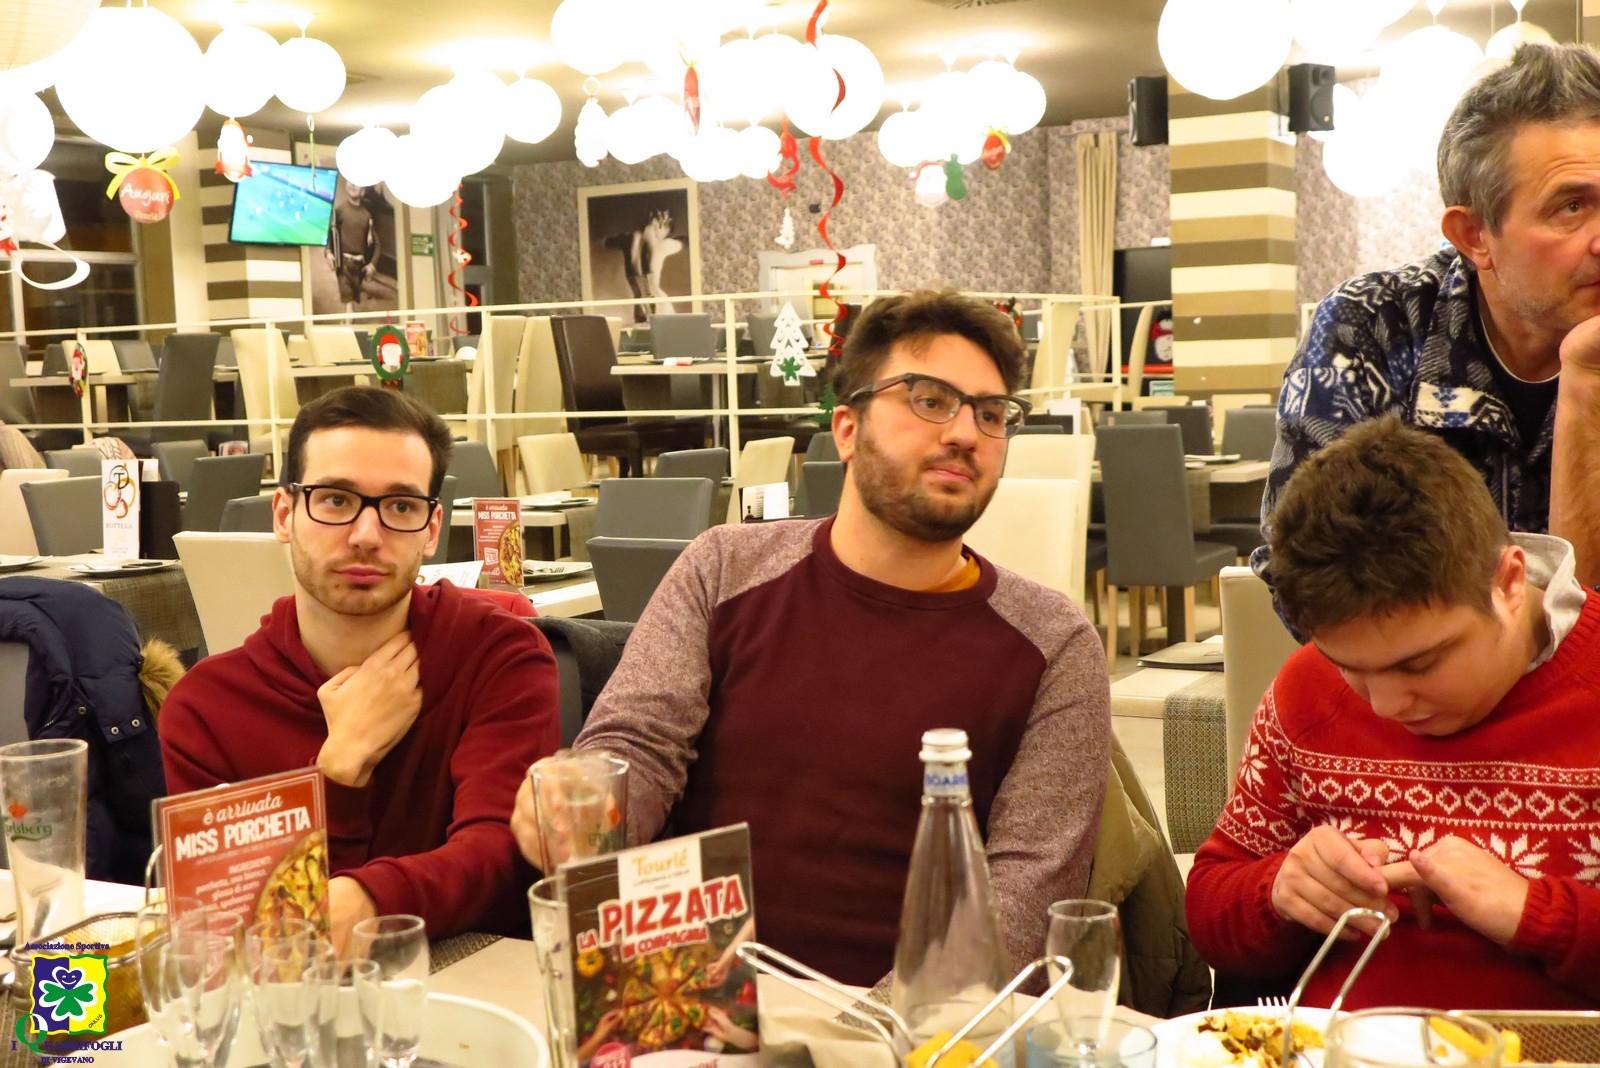 Cena di Natale iquadrifogli 18-12-2018 - 087